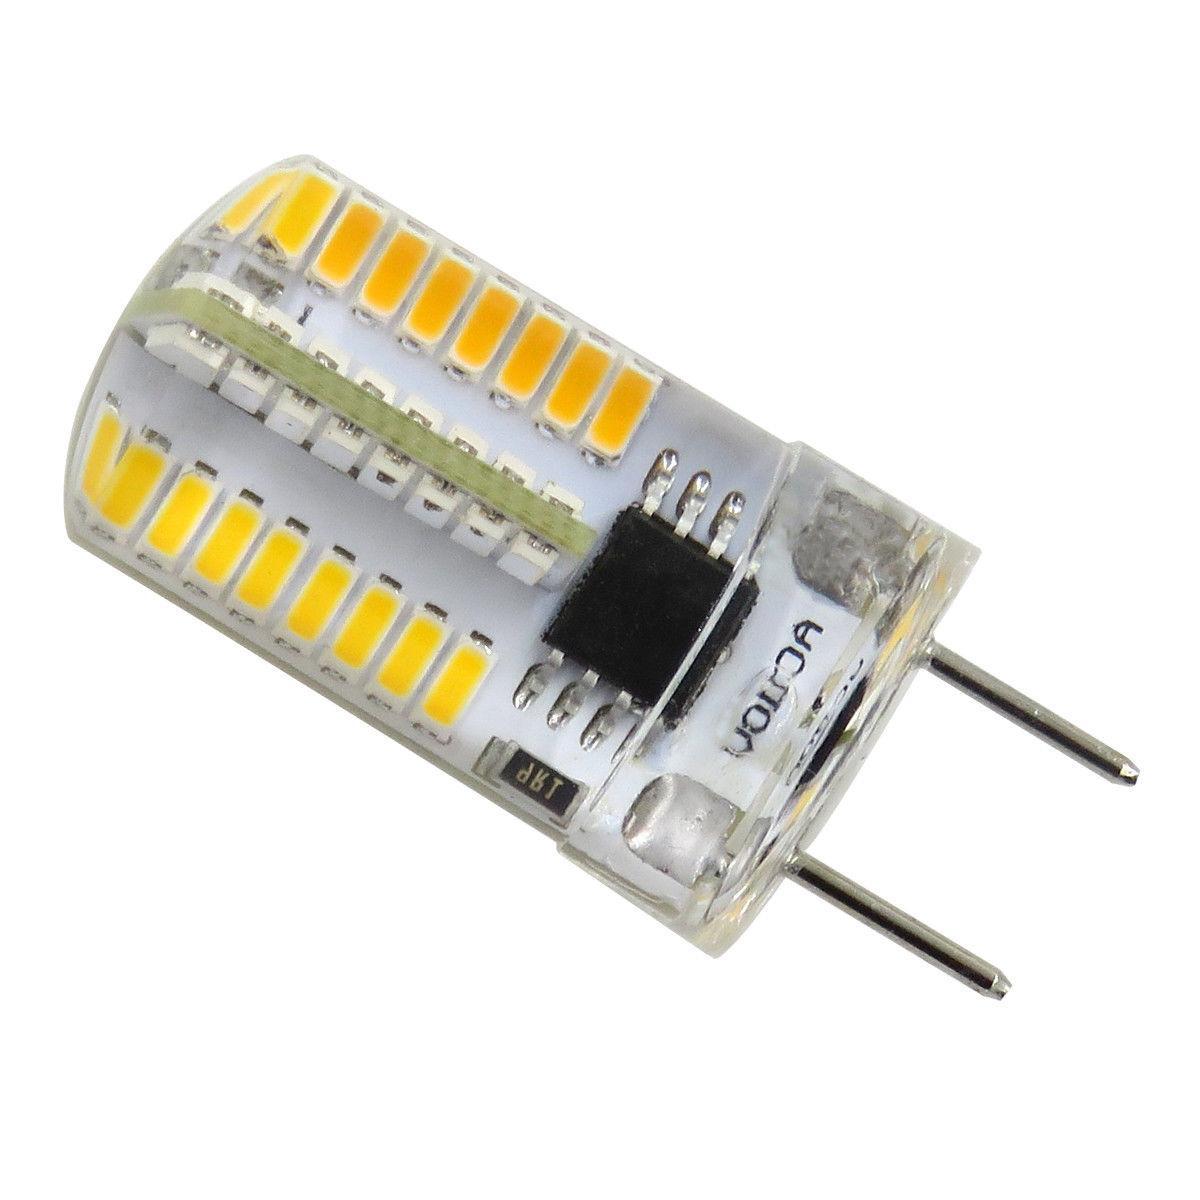 10pcs Bi-Pin 64 3014 Light Bulb 110V Warm